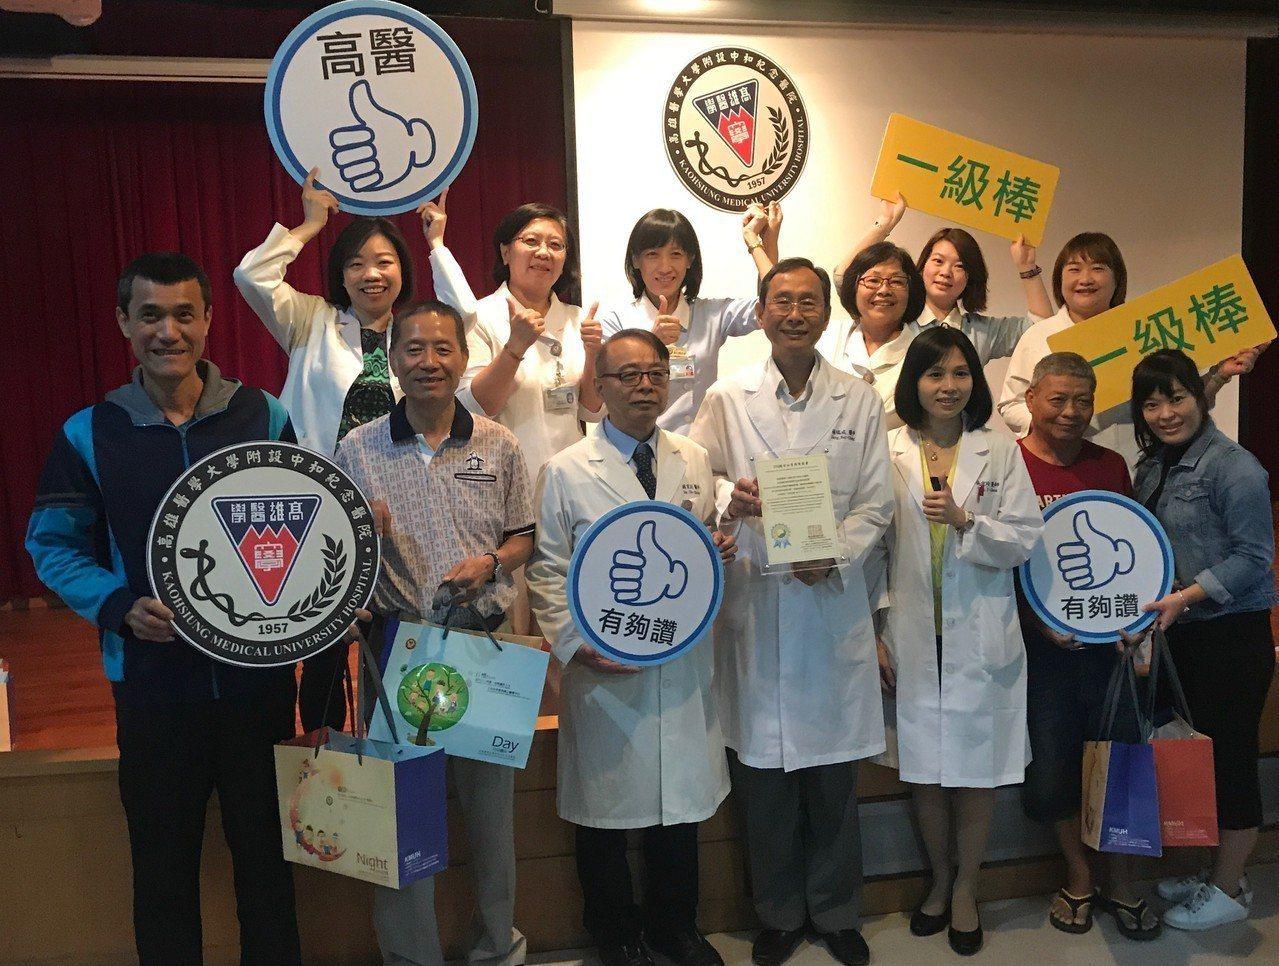 多名歷經手術及化放療的食道癌患者6日在高醫現身說法,呼籲戒除菸、酒、檳榔才是預防...